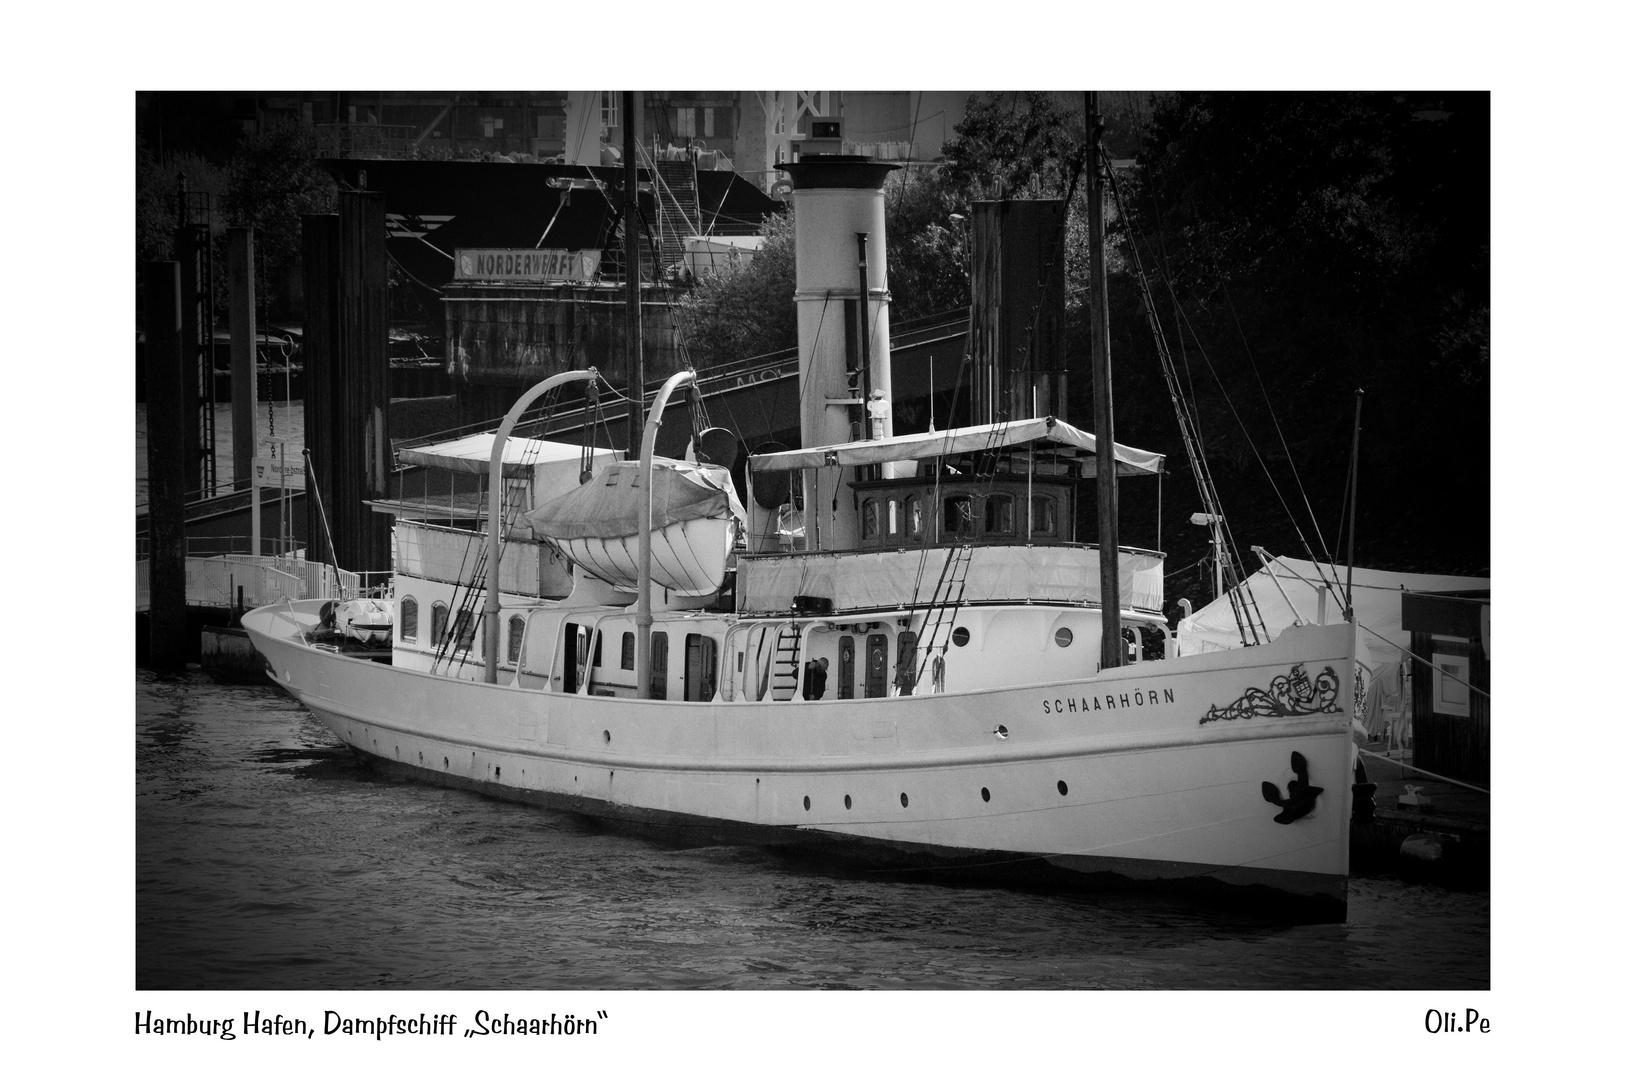 Hamburg Hafen Dampfschiff Schaarhörn